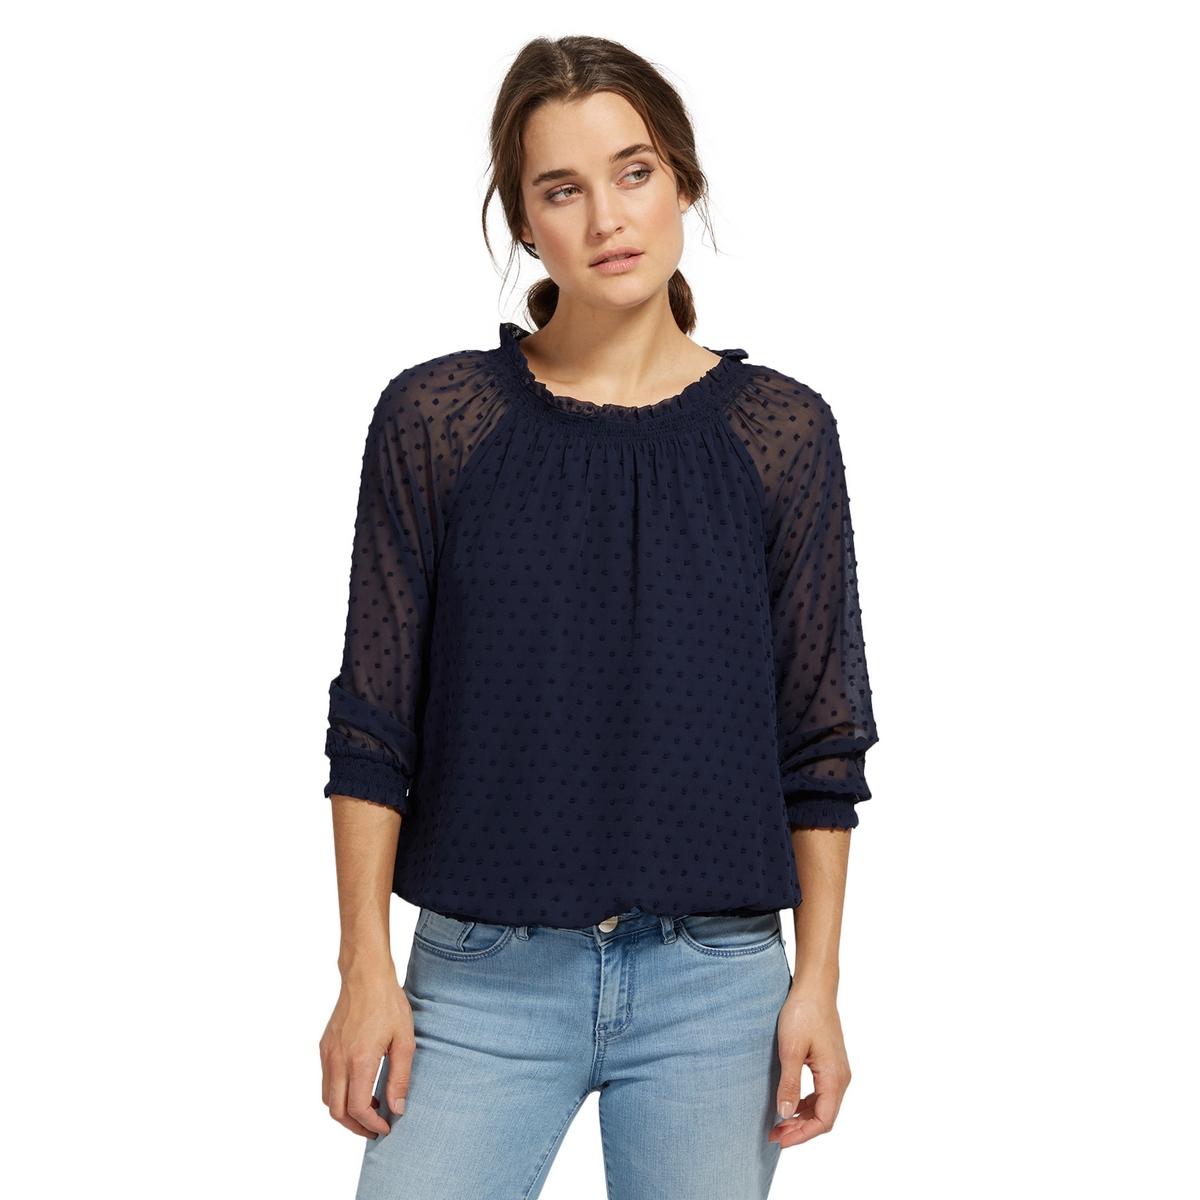 Блузка в горох с круглым вырезом и длинными рукавами tom tailor блузка tom tailor 203140400752647